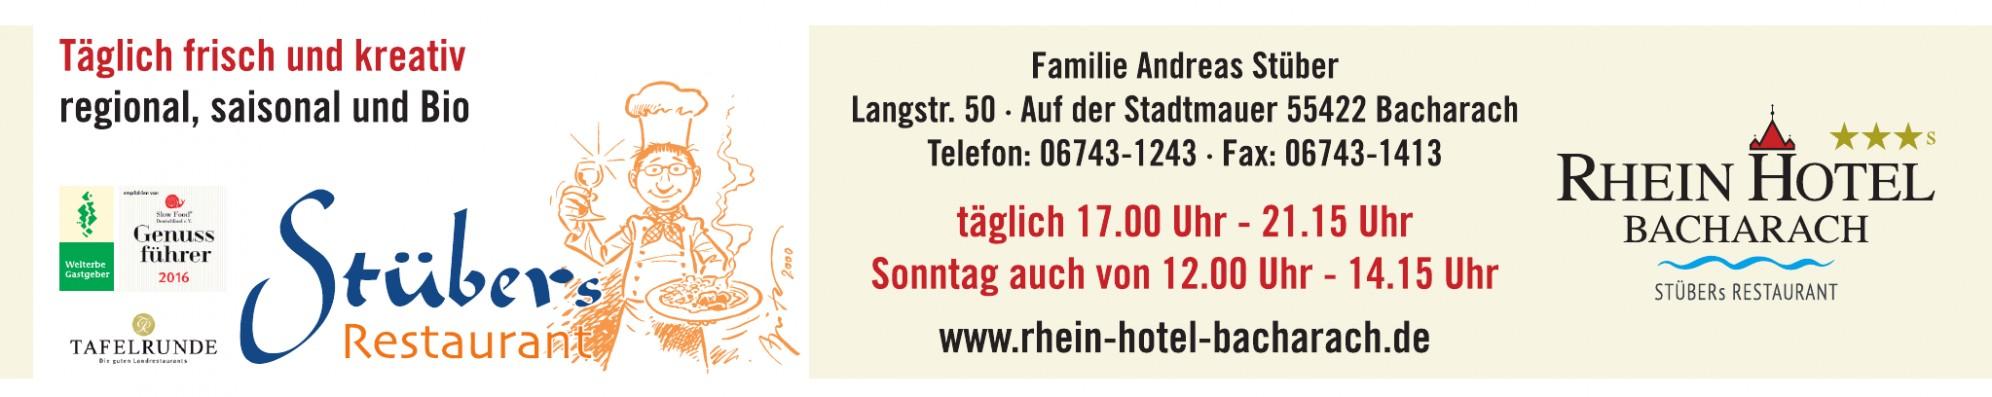 Rhein-Hotel Bacharach, Stübers Restaurant